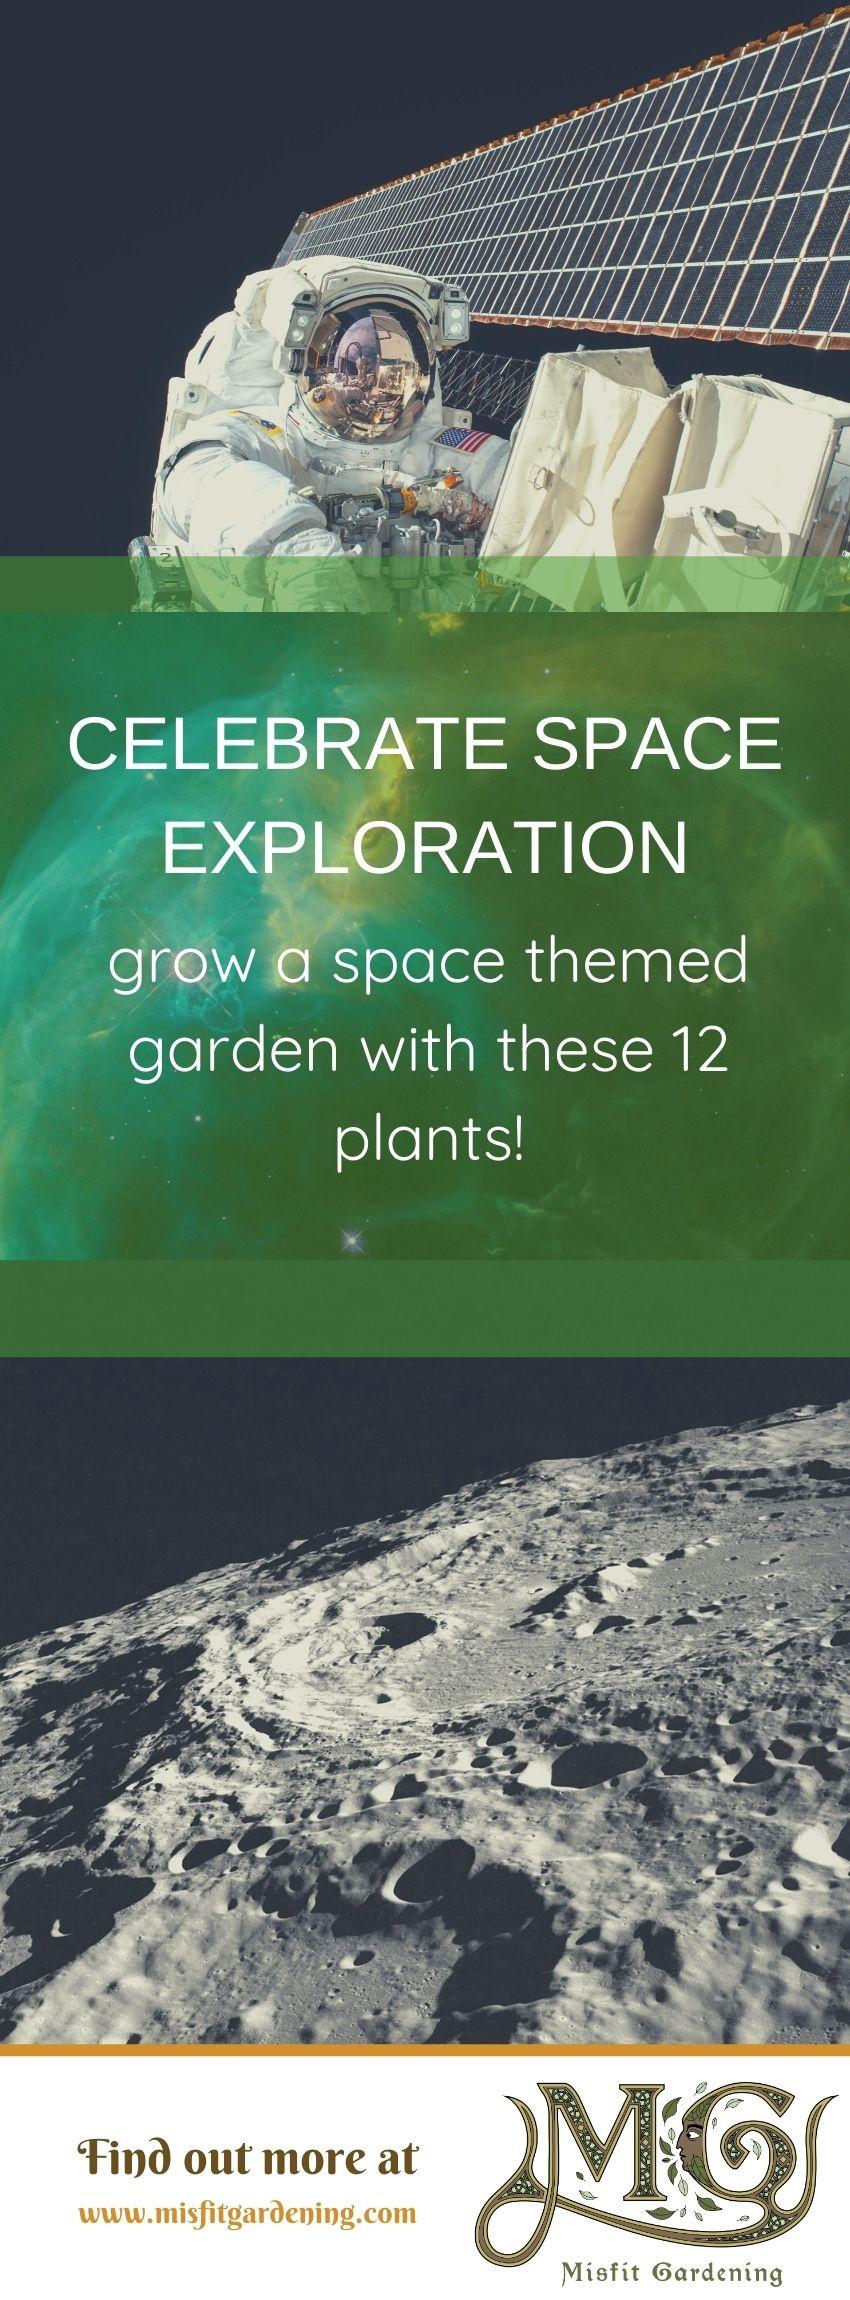 Klicken Sie hier, um 12 Gemüse mit Platzmotiven anzuzeigen, die Sie anbauen oder anheften und für später speichern können. #homesteading #gardening